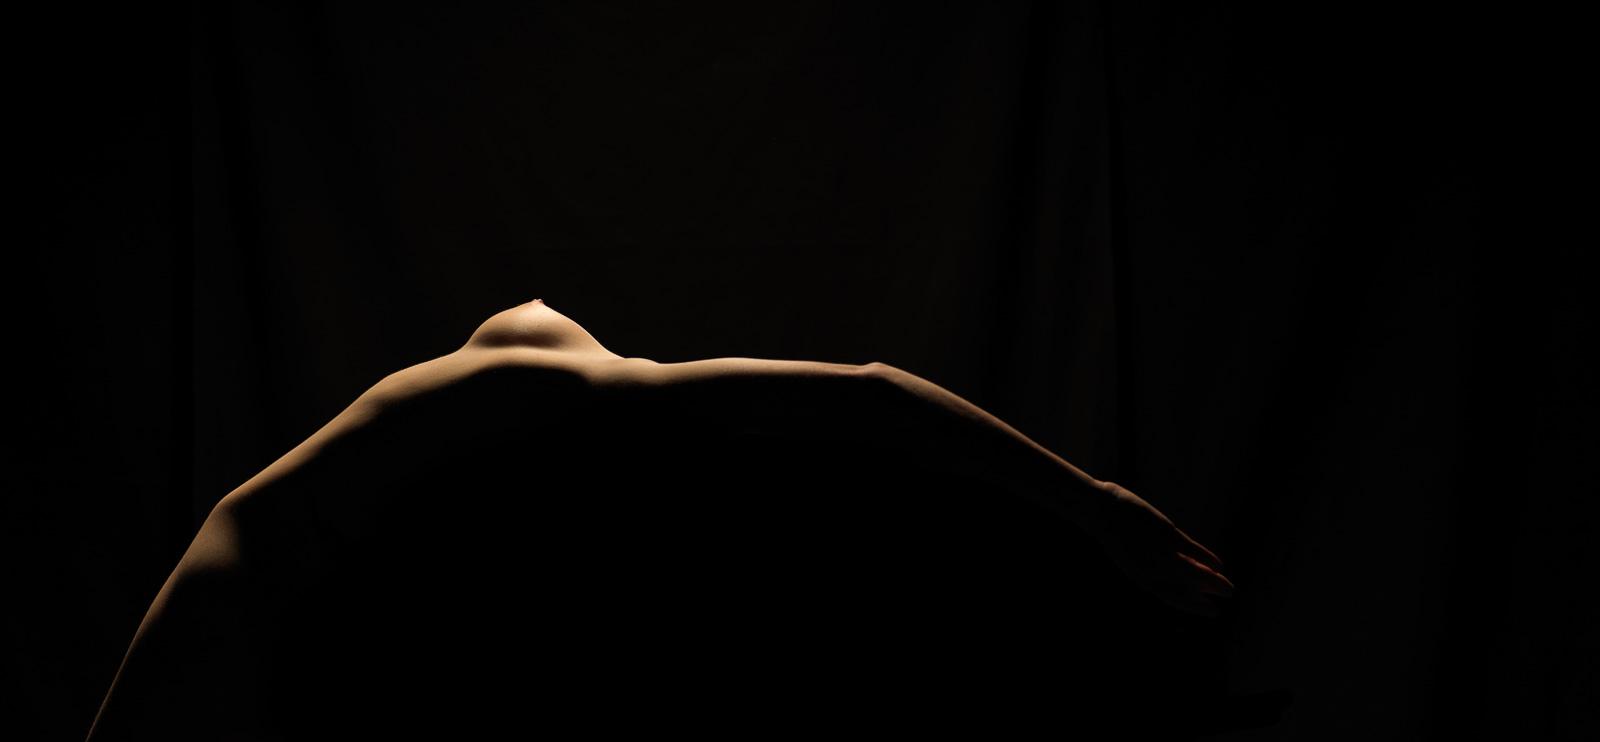 Bernard_Panier-BodyScapes-011.jpg